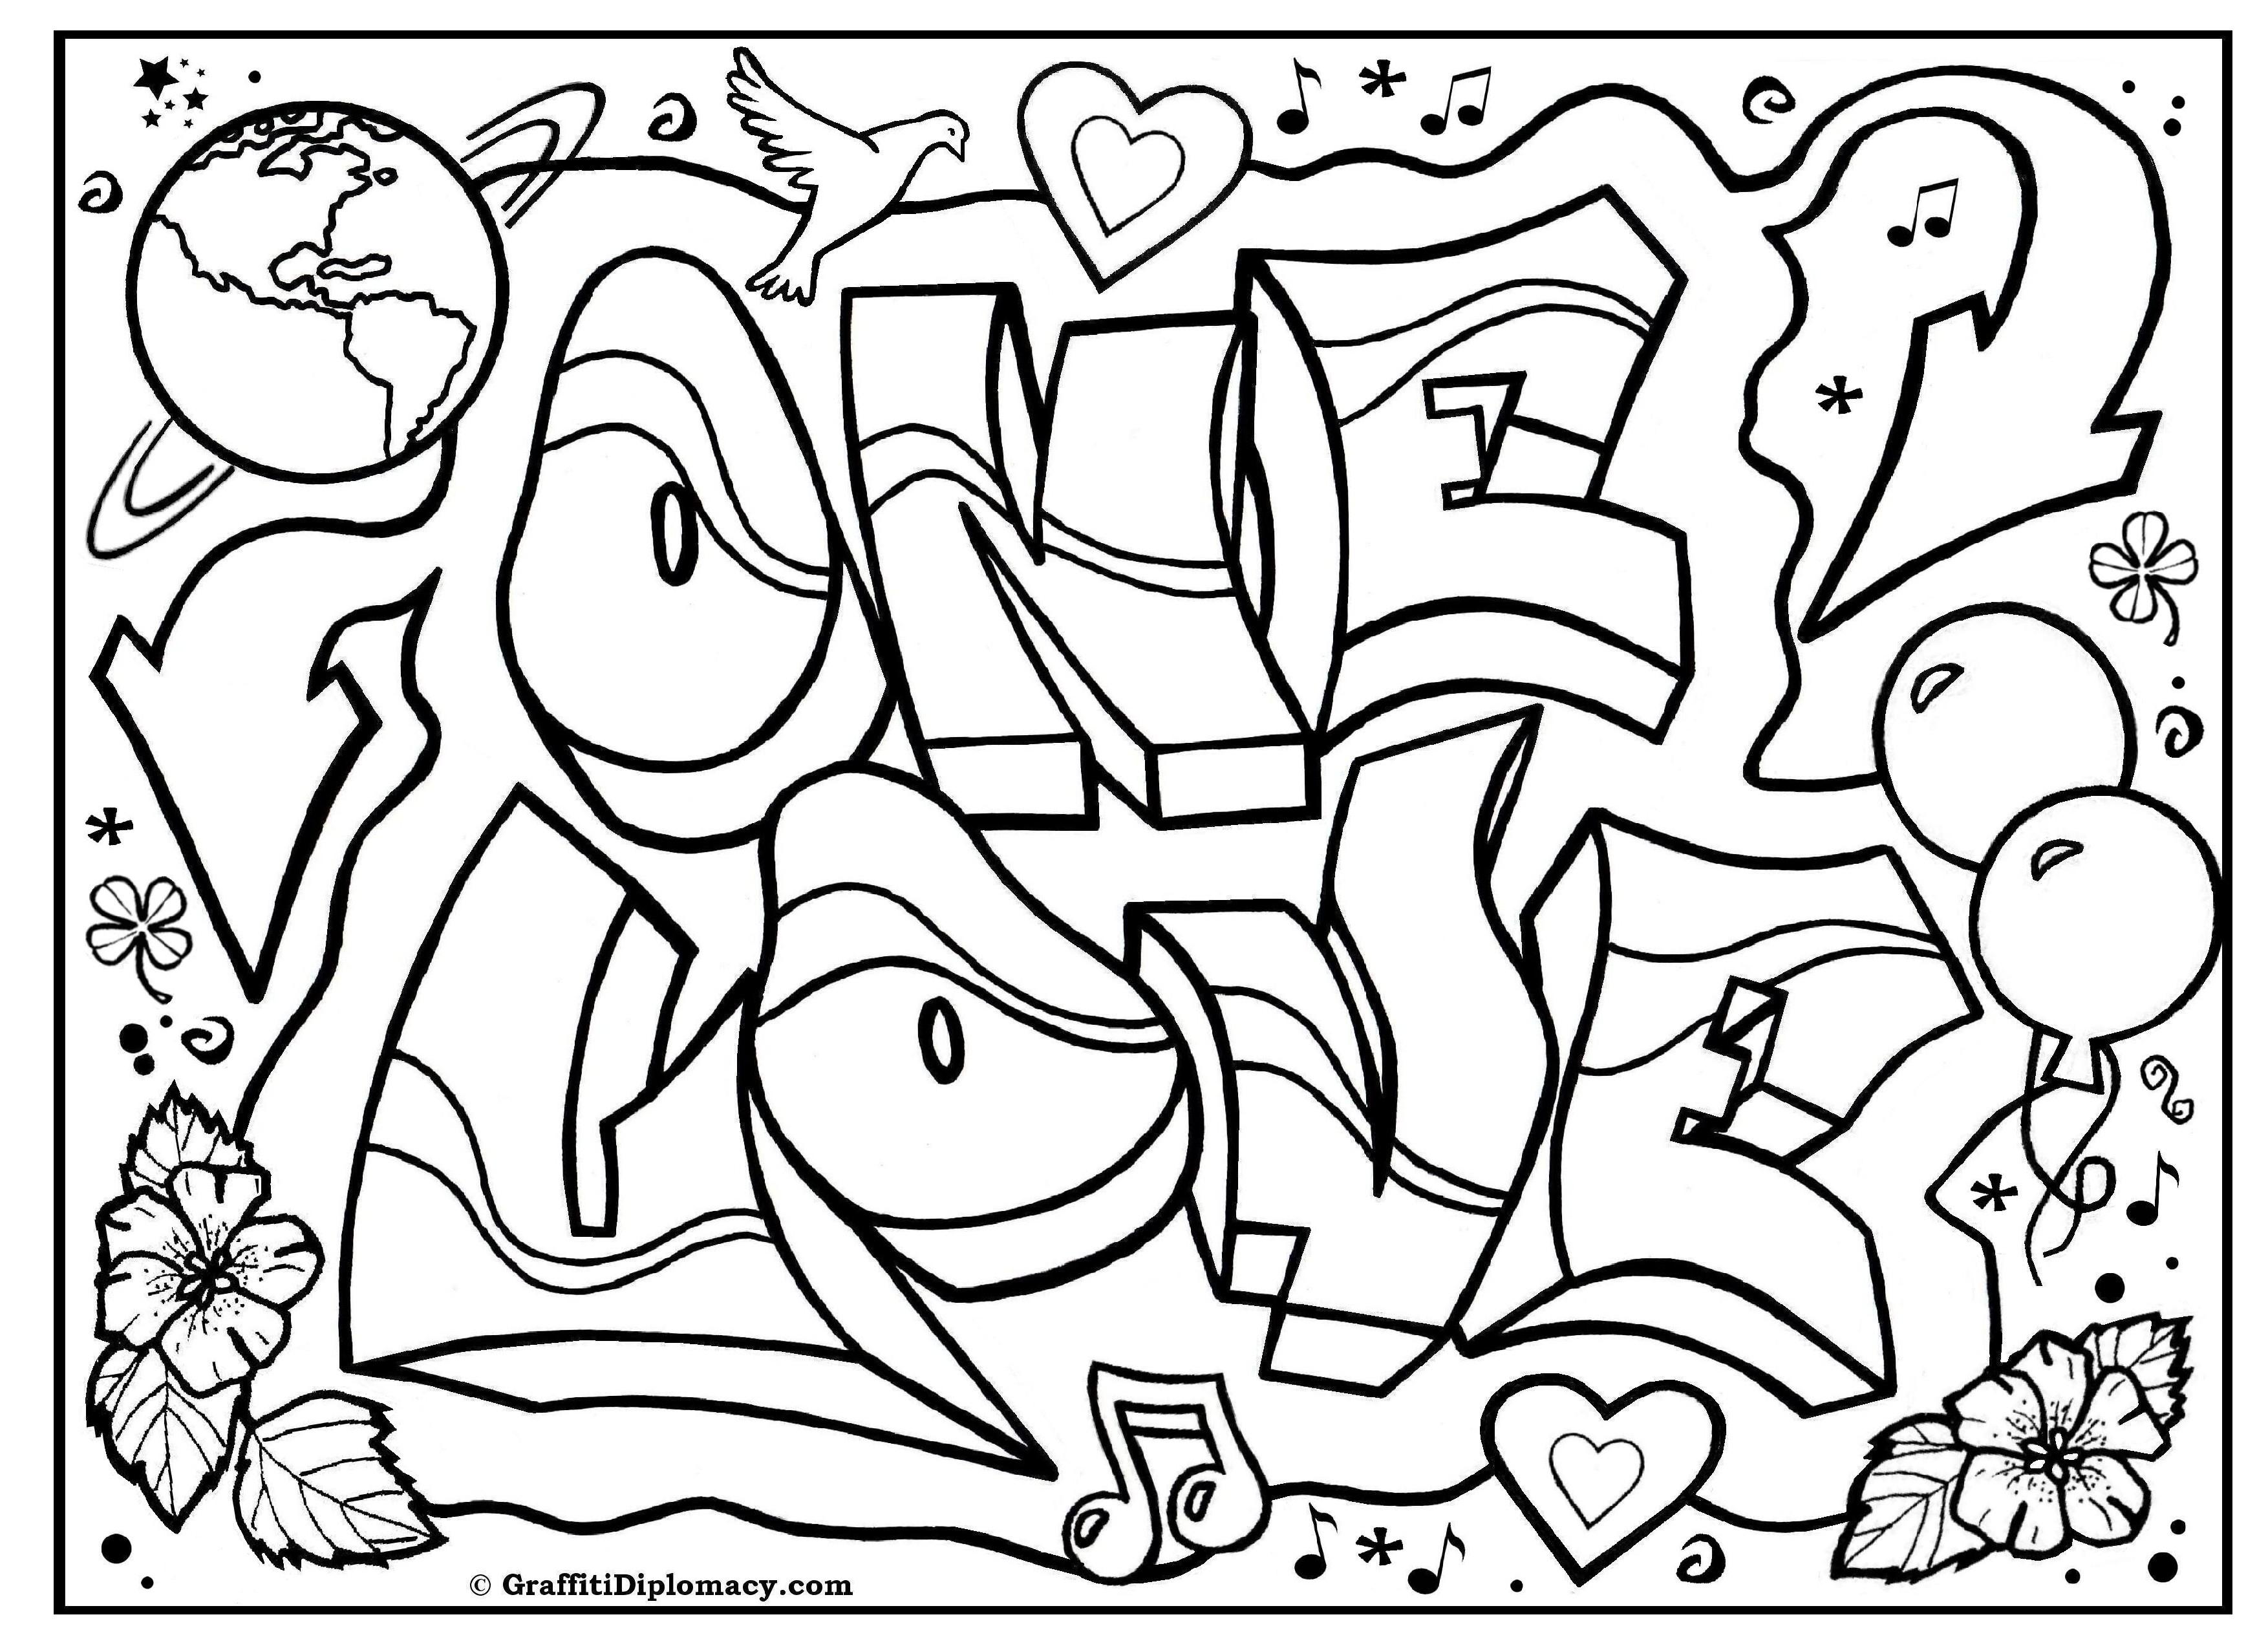 graffiti zum ausmalen cool  malvorlagen